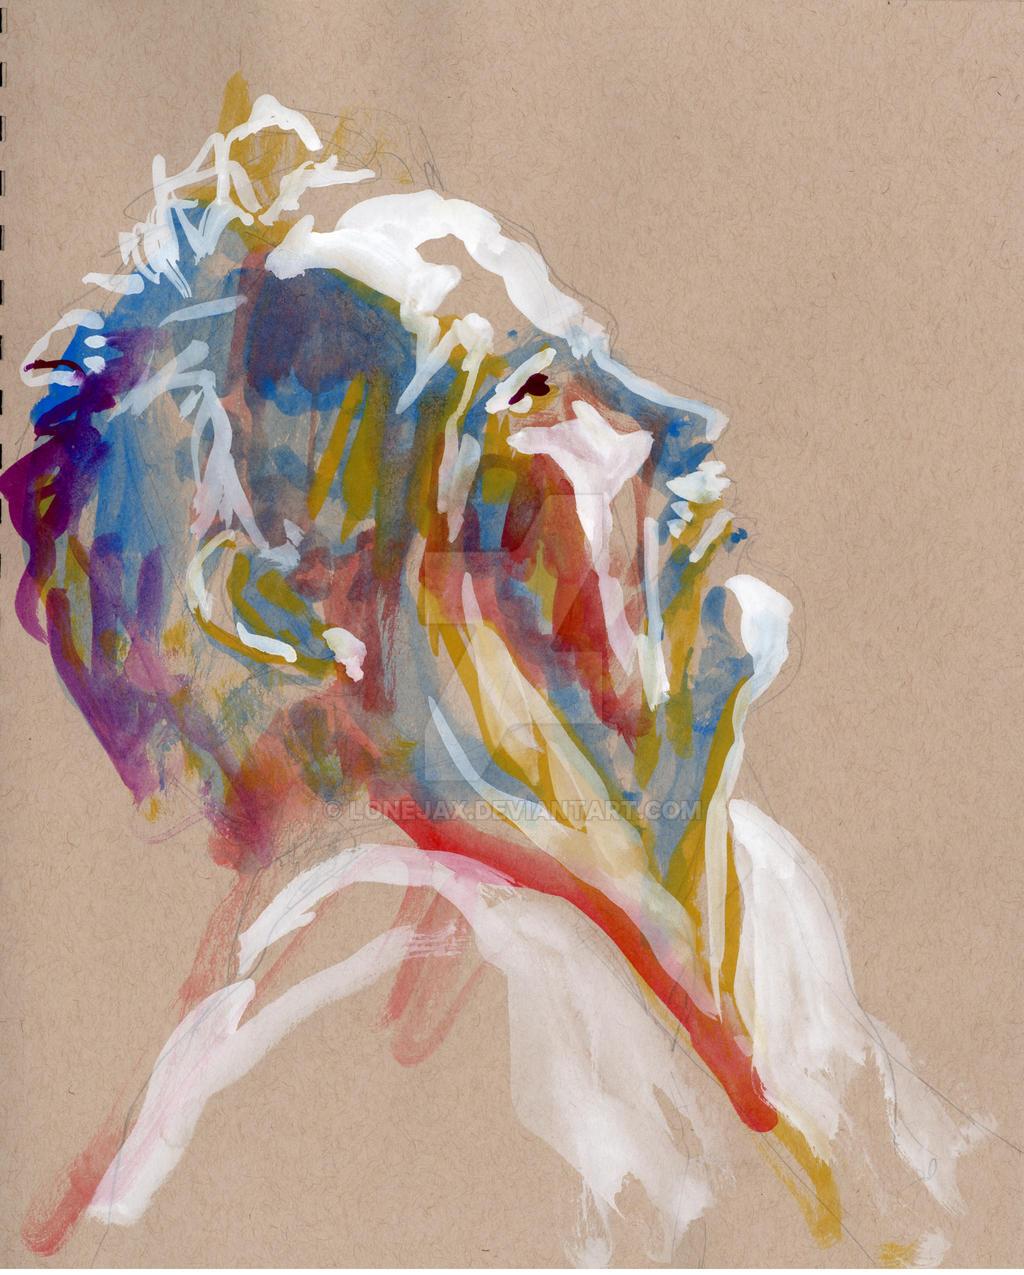 Figure #361 by Lonejax